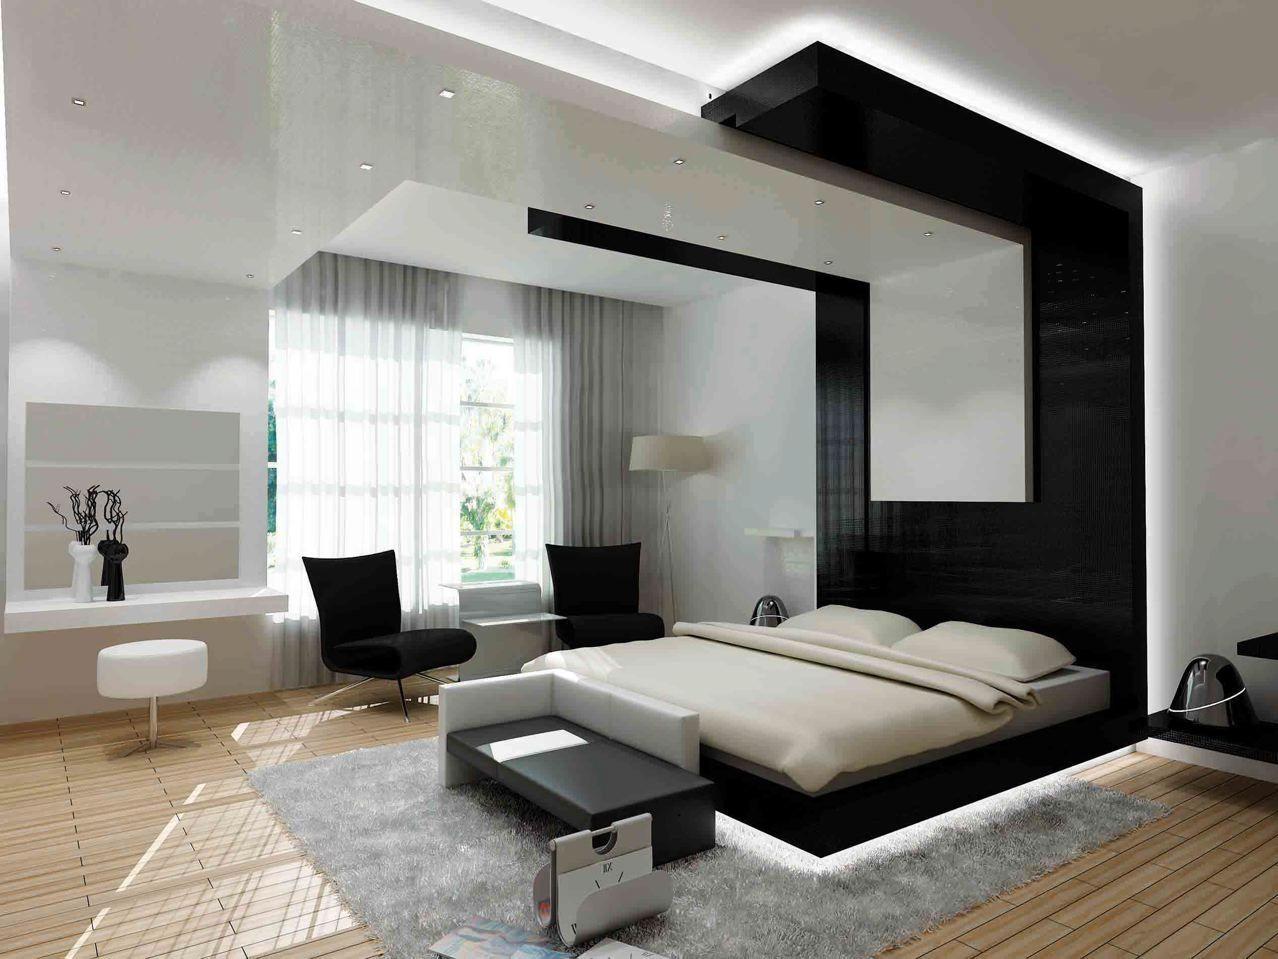 Muebles modernos para habitaciones | decor | Pinterest | Decoracion ...